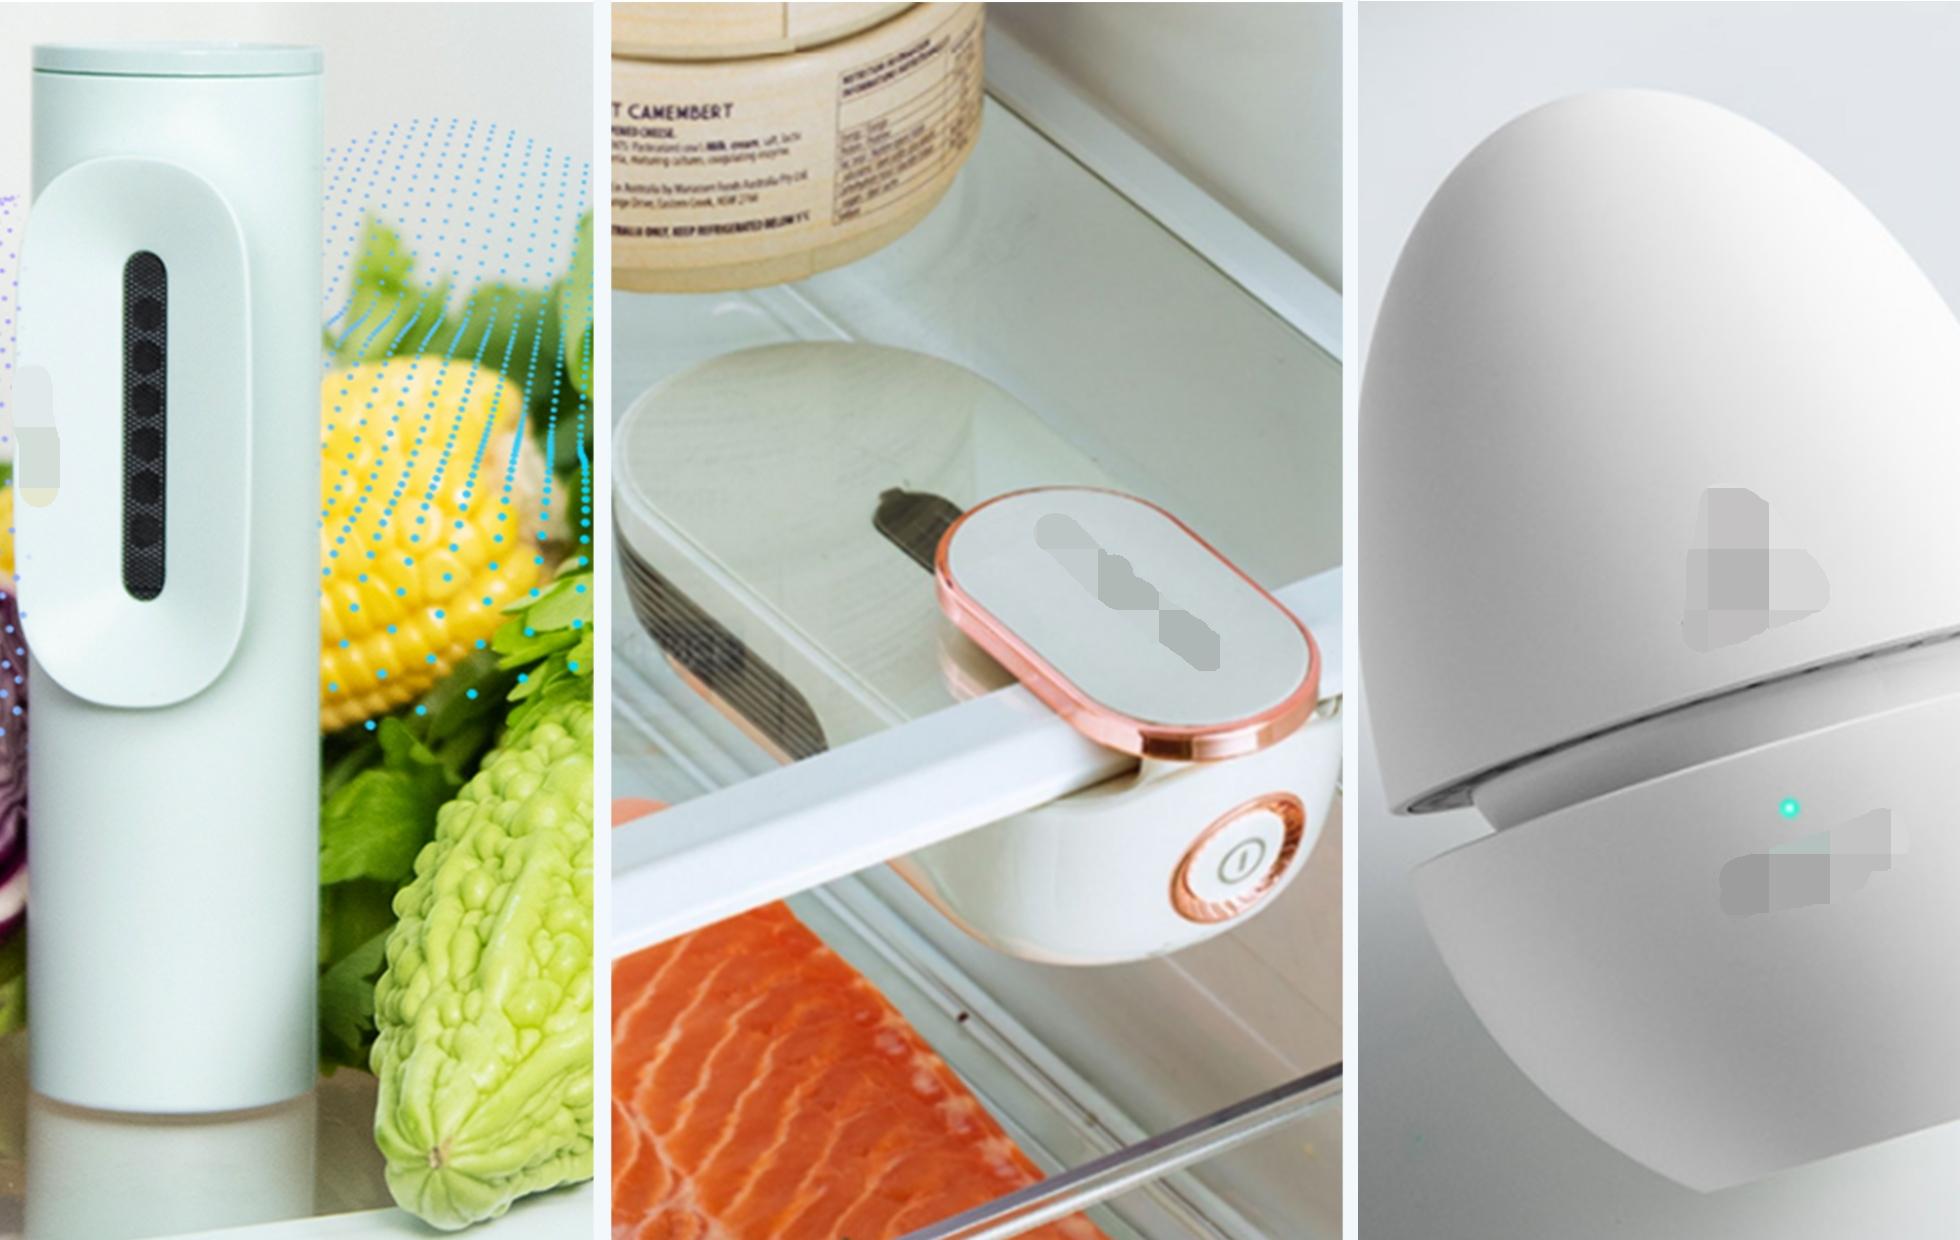 小心你家的冰箱成为杀手,孕妈妈要格外注意